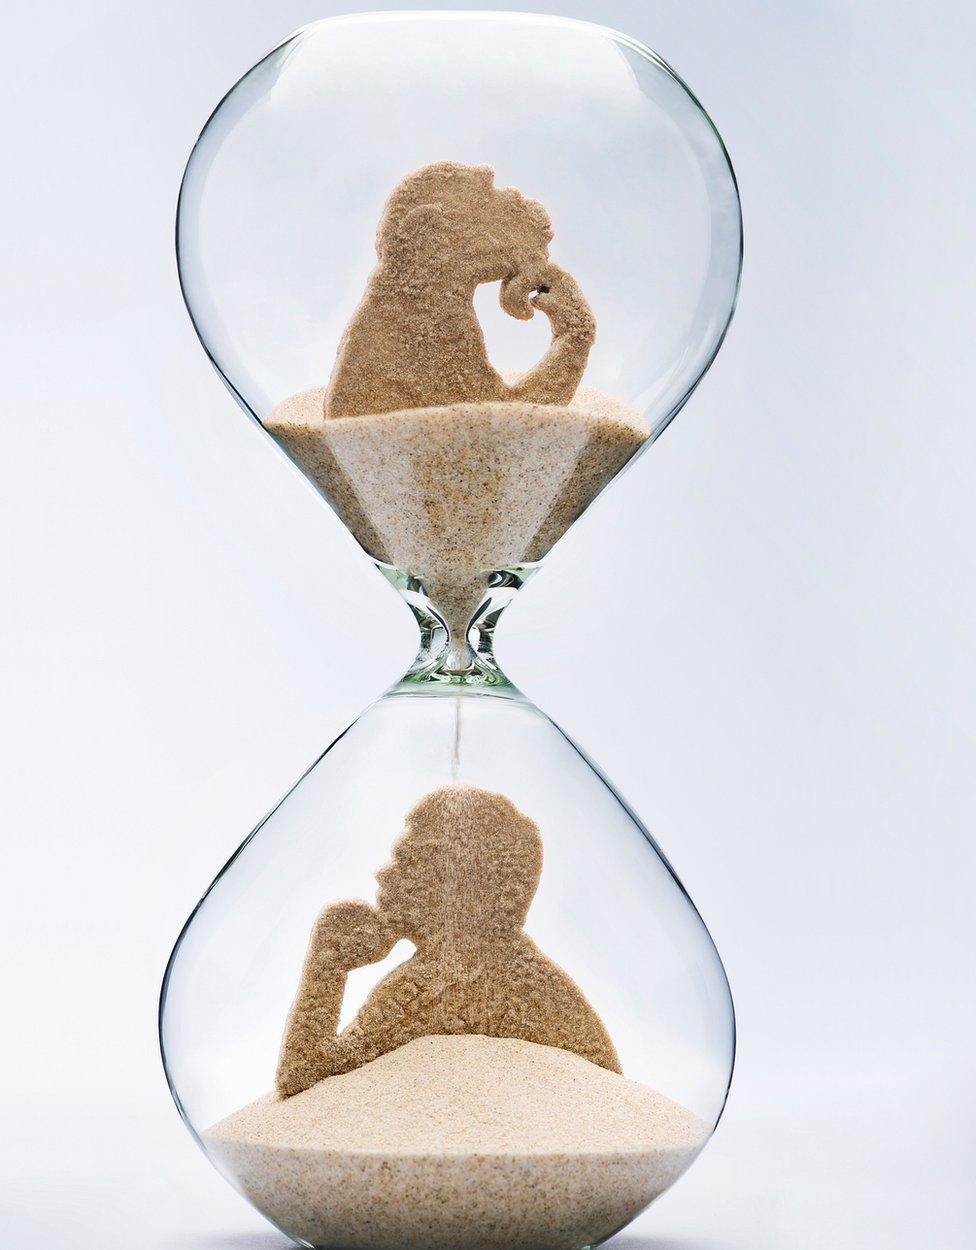 Reloj de arena con figura de mono arriba y de hombre abajo